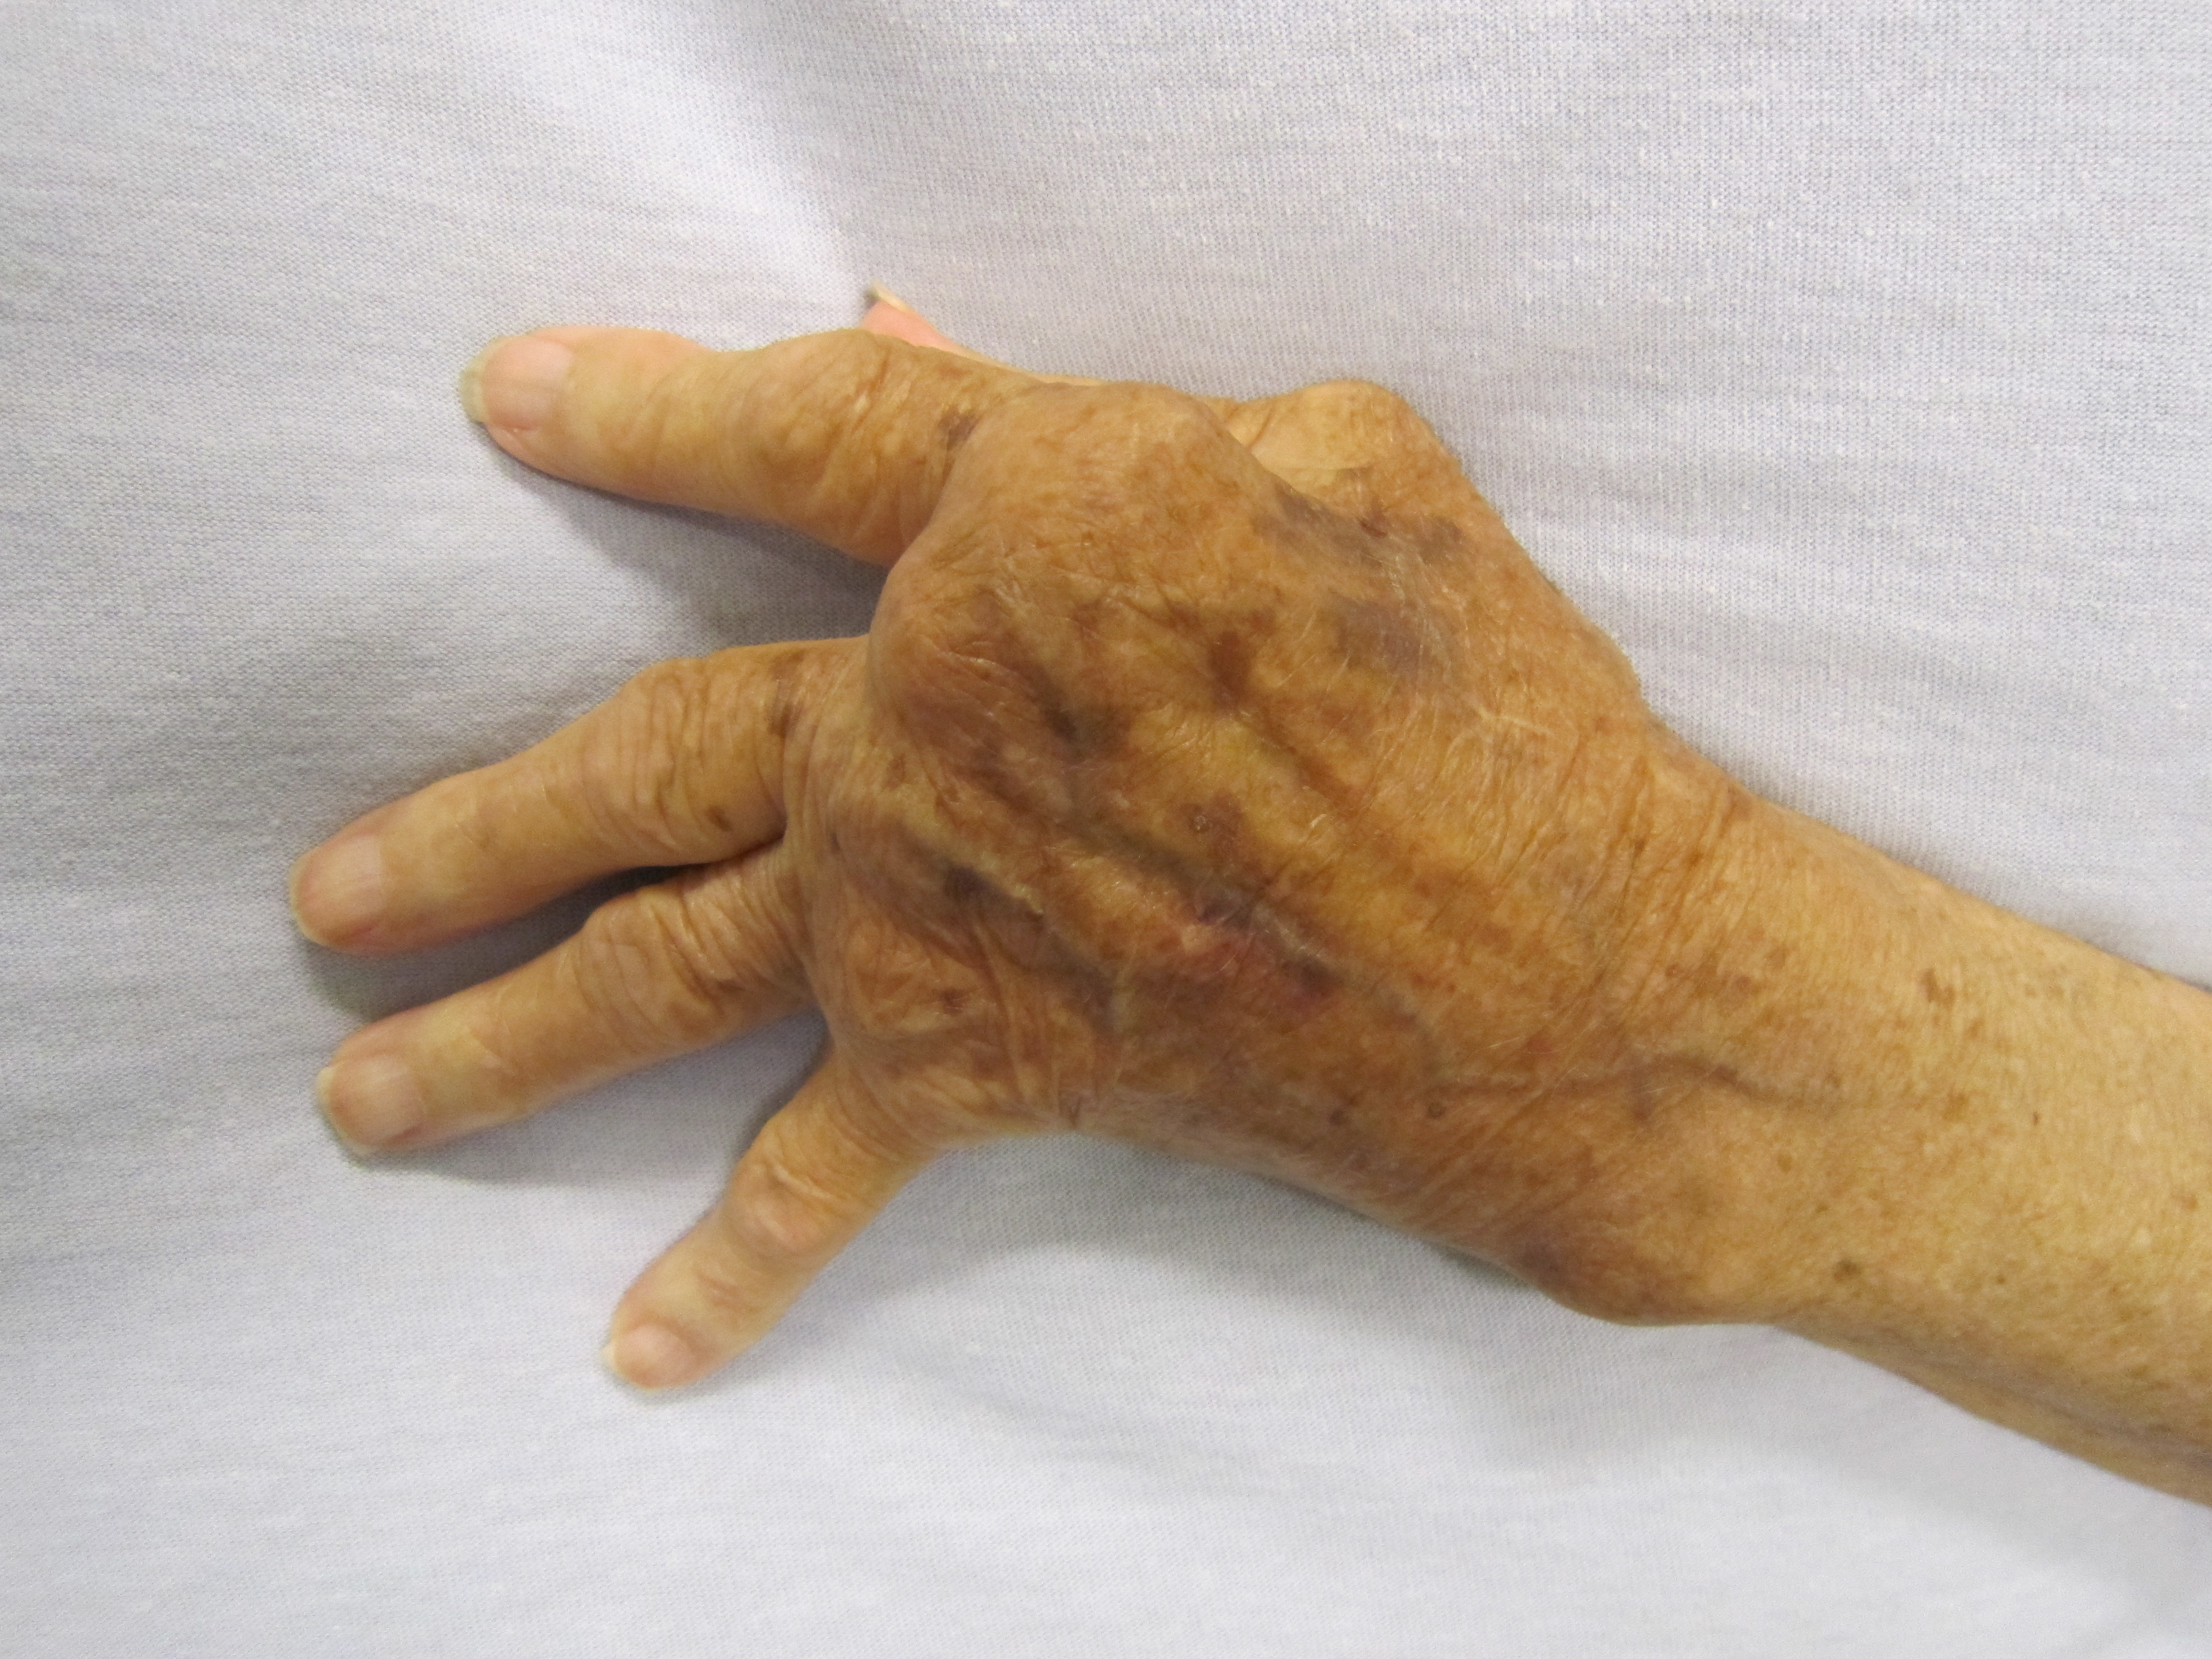 ízületi károsodás stádiumában reumatoid artritisz